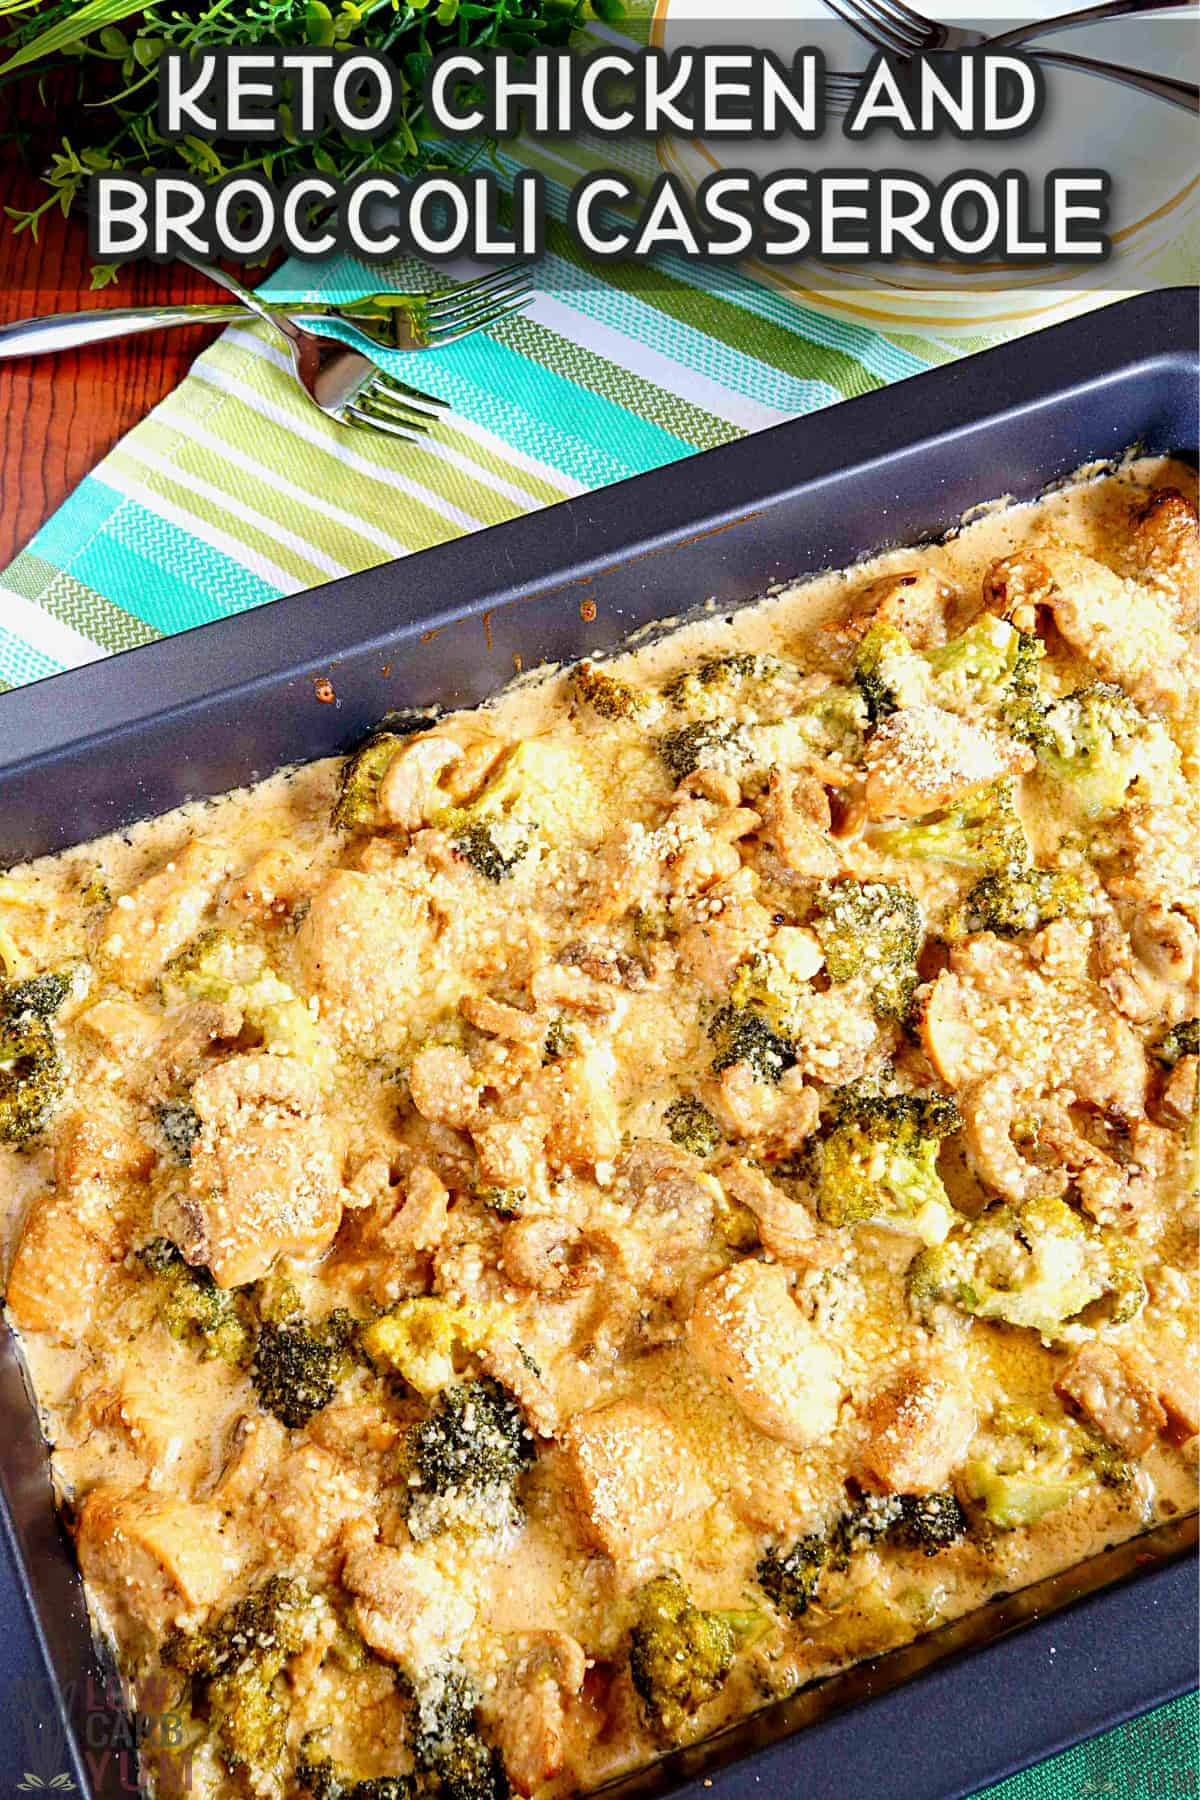 keto chicken broccoli casserole cover image